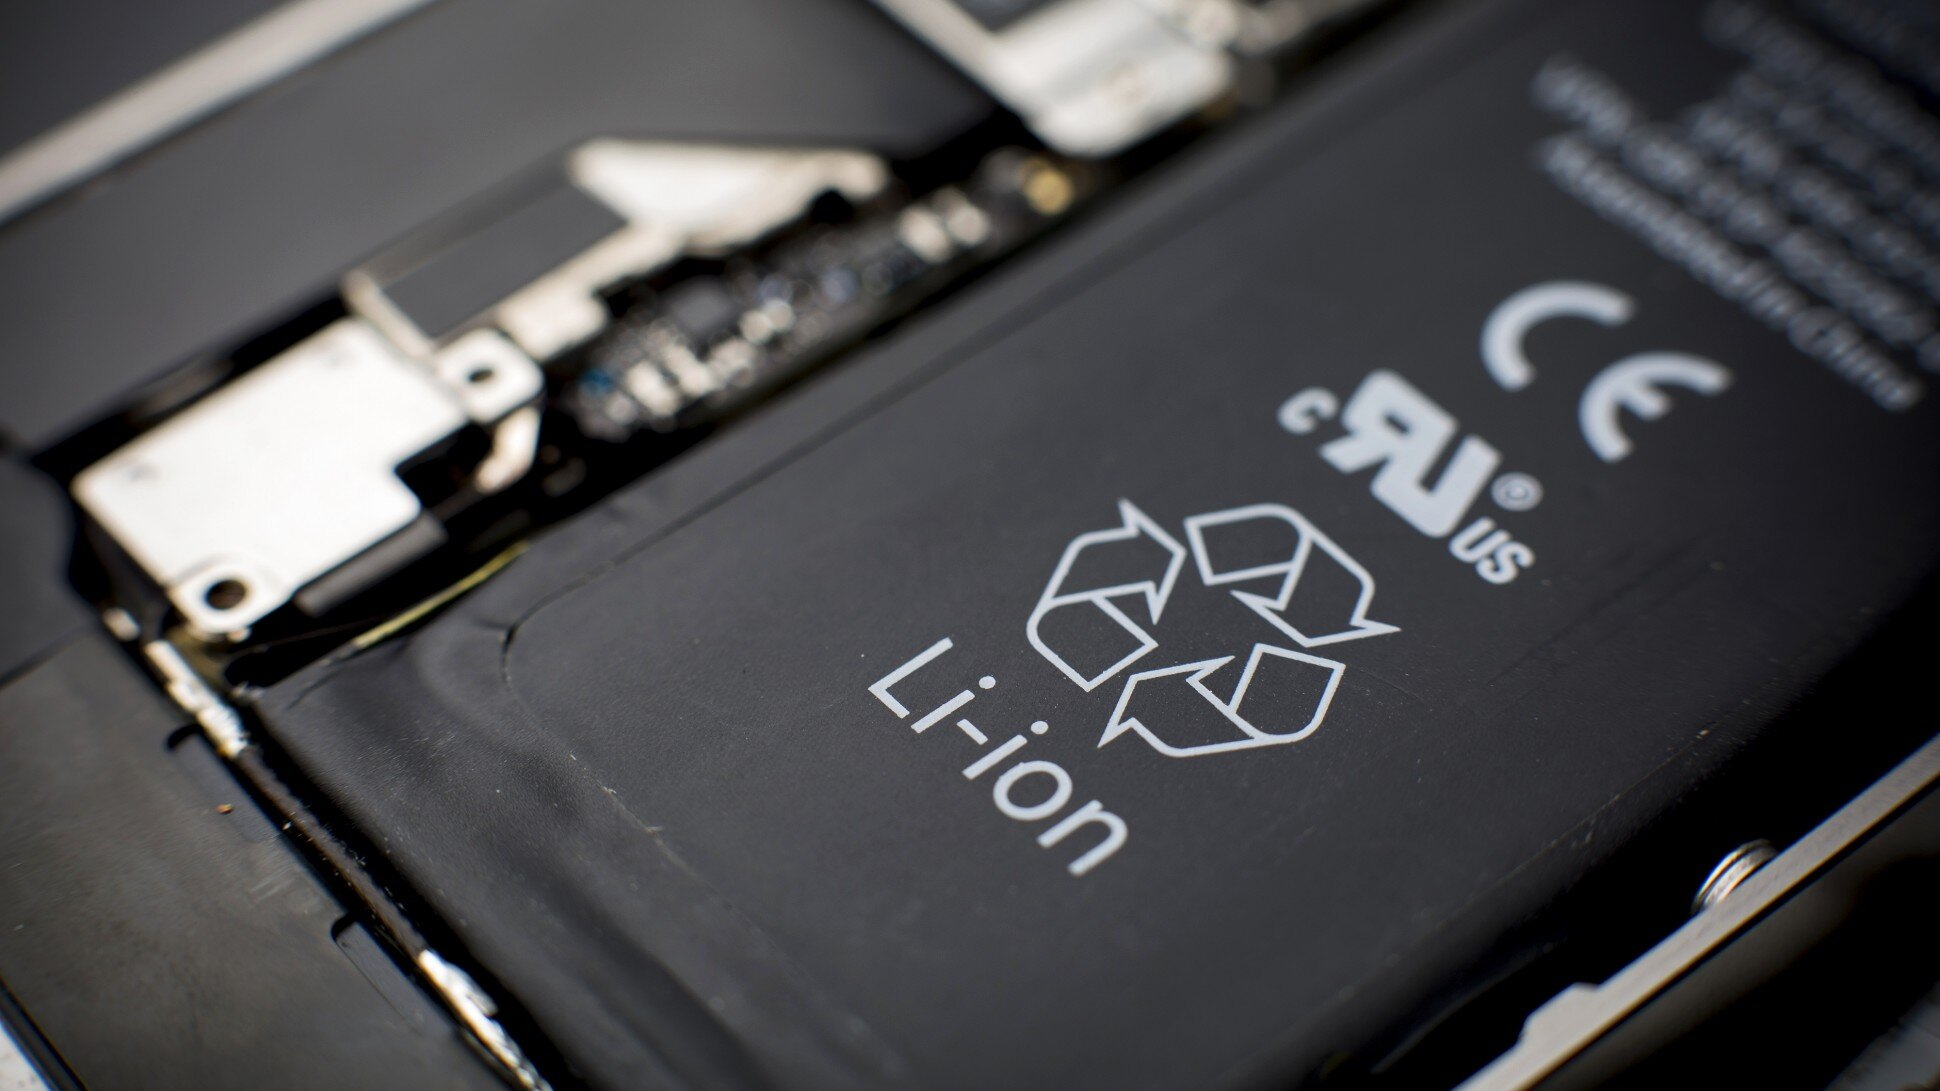 Loại pin điện thoại nào tốt nhất hiện nay?